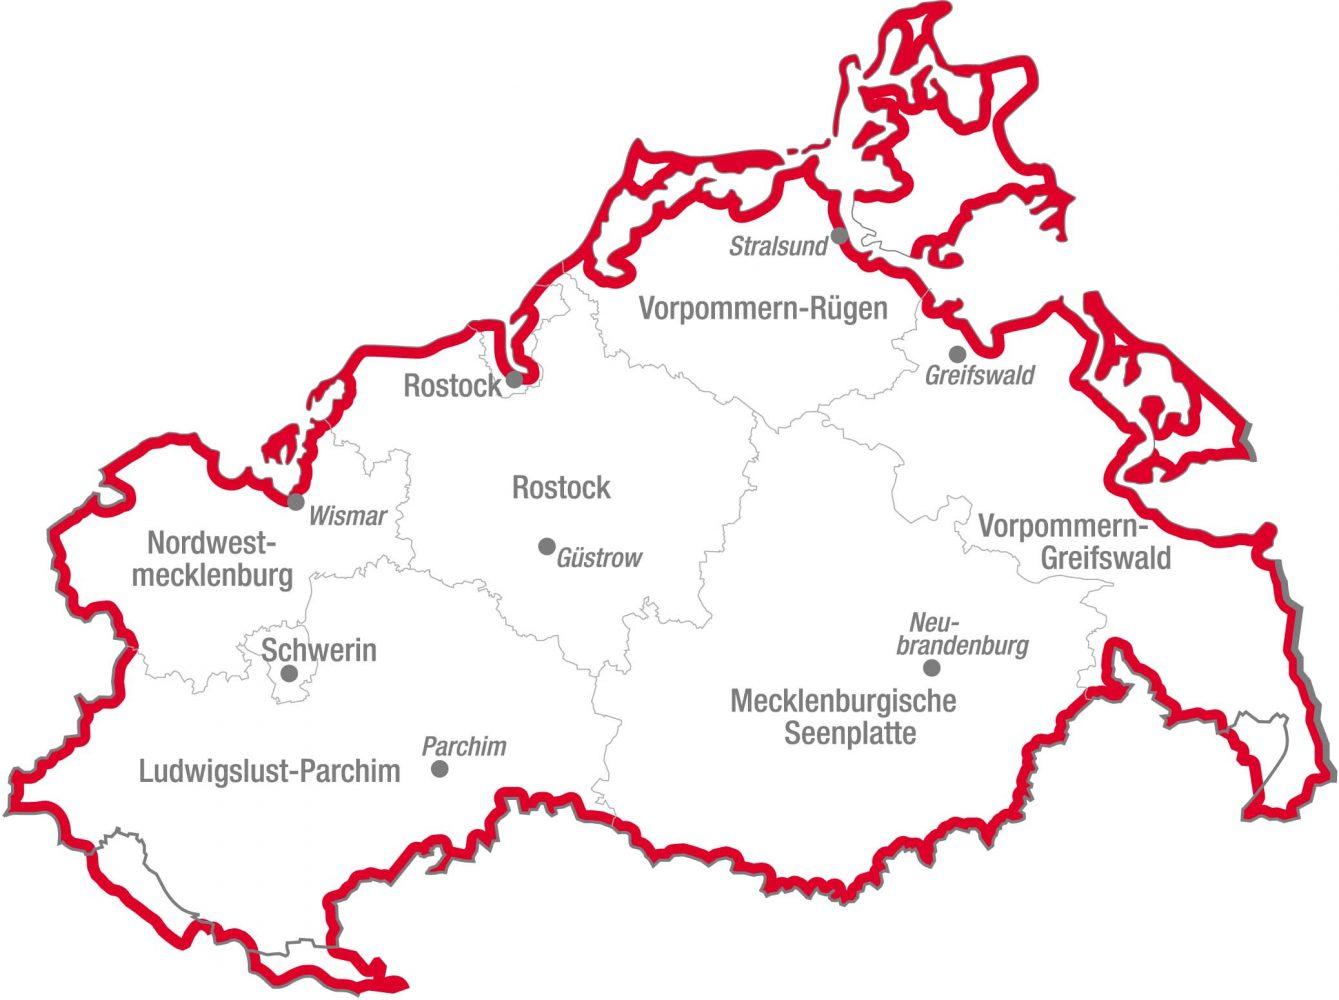 Kontaktsperre Mecklenburg Vorpommern